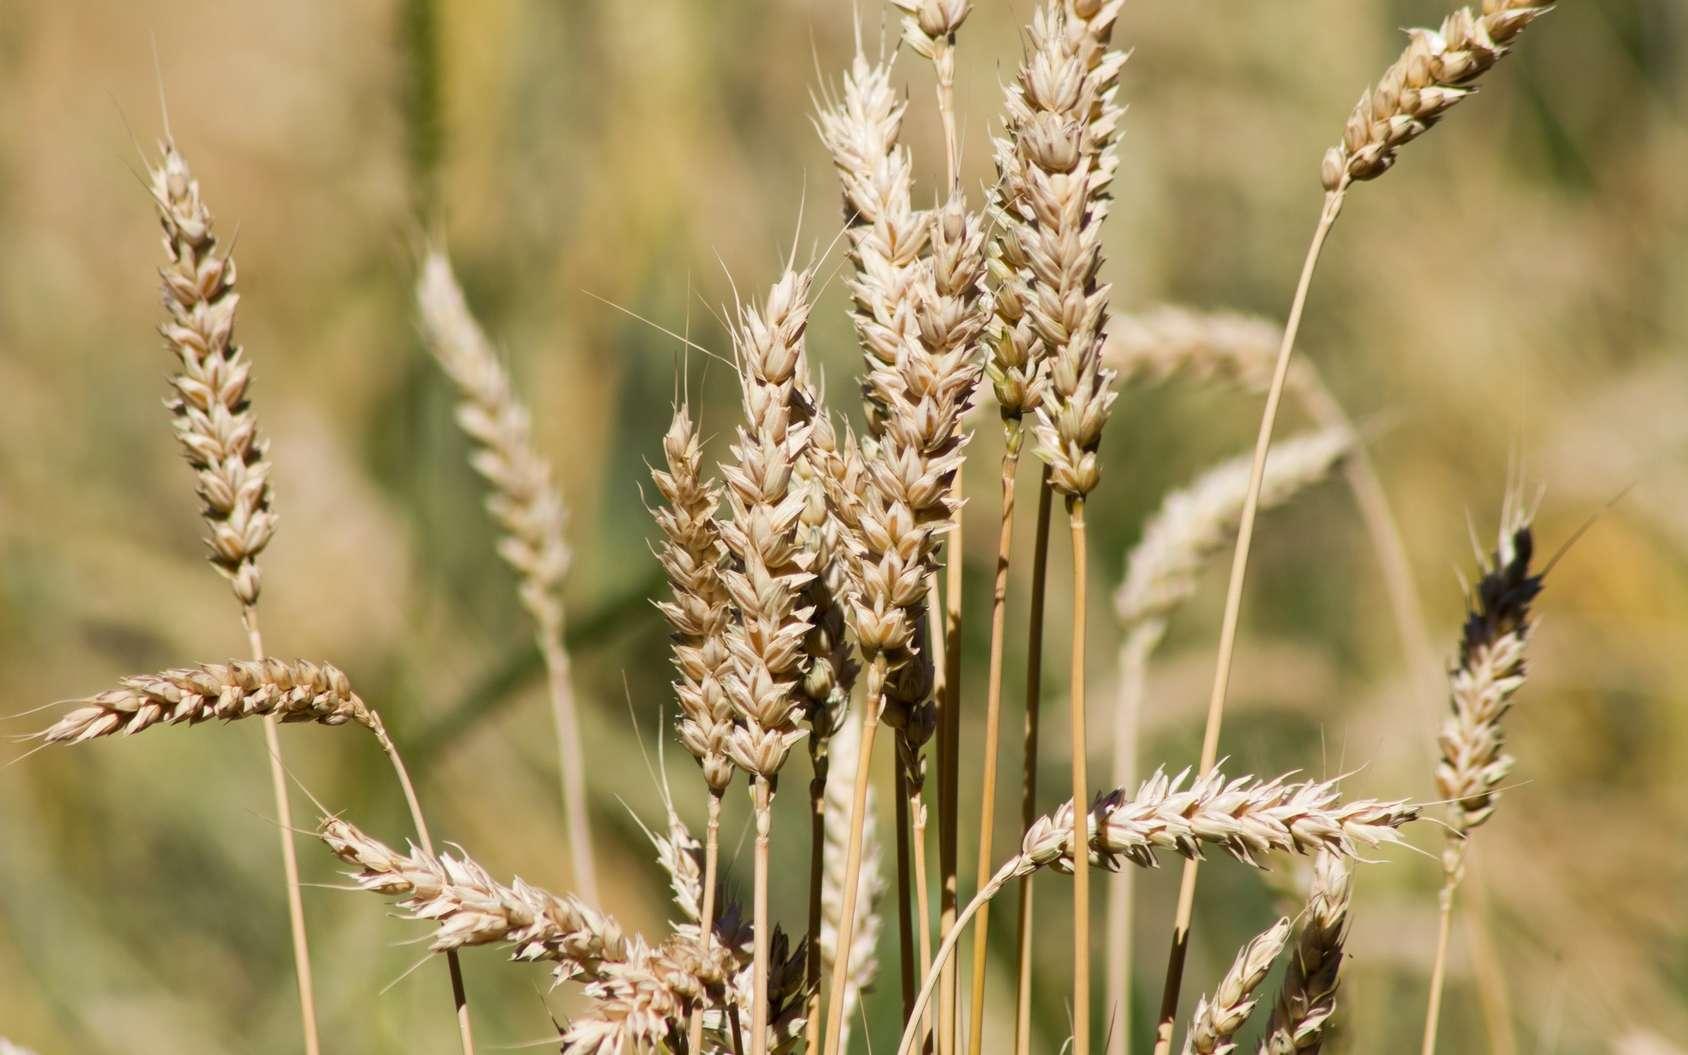 Le blé est l'une des principales céréales cultivées en France. © Nicolette Wollentin, Fotolia